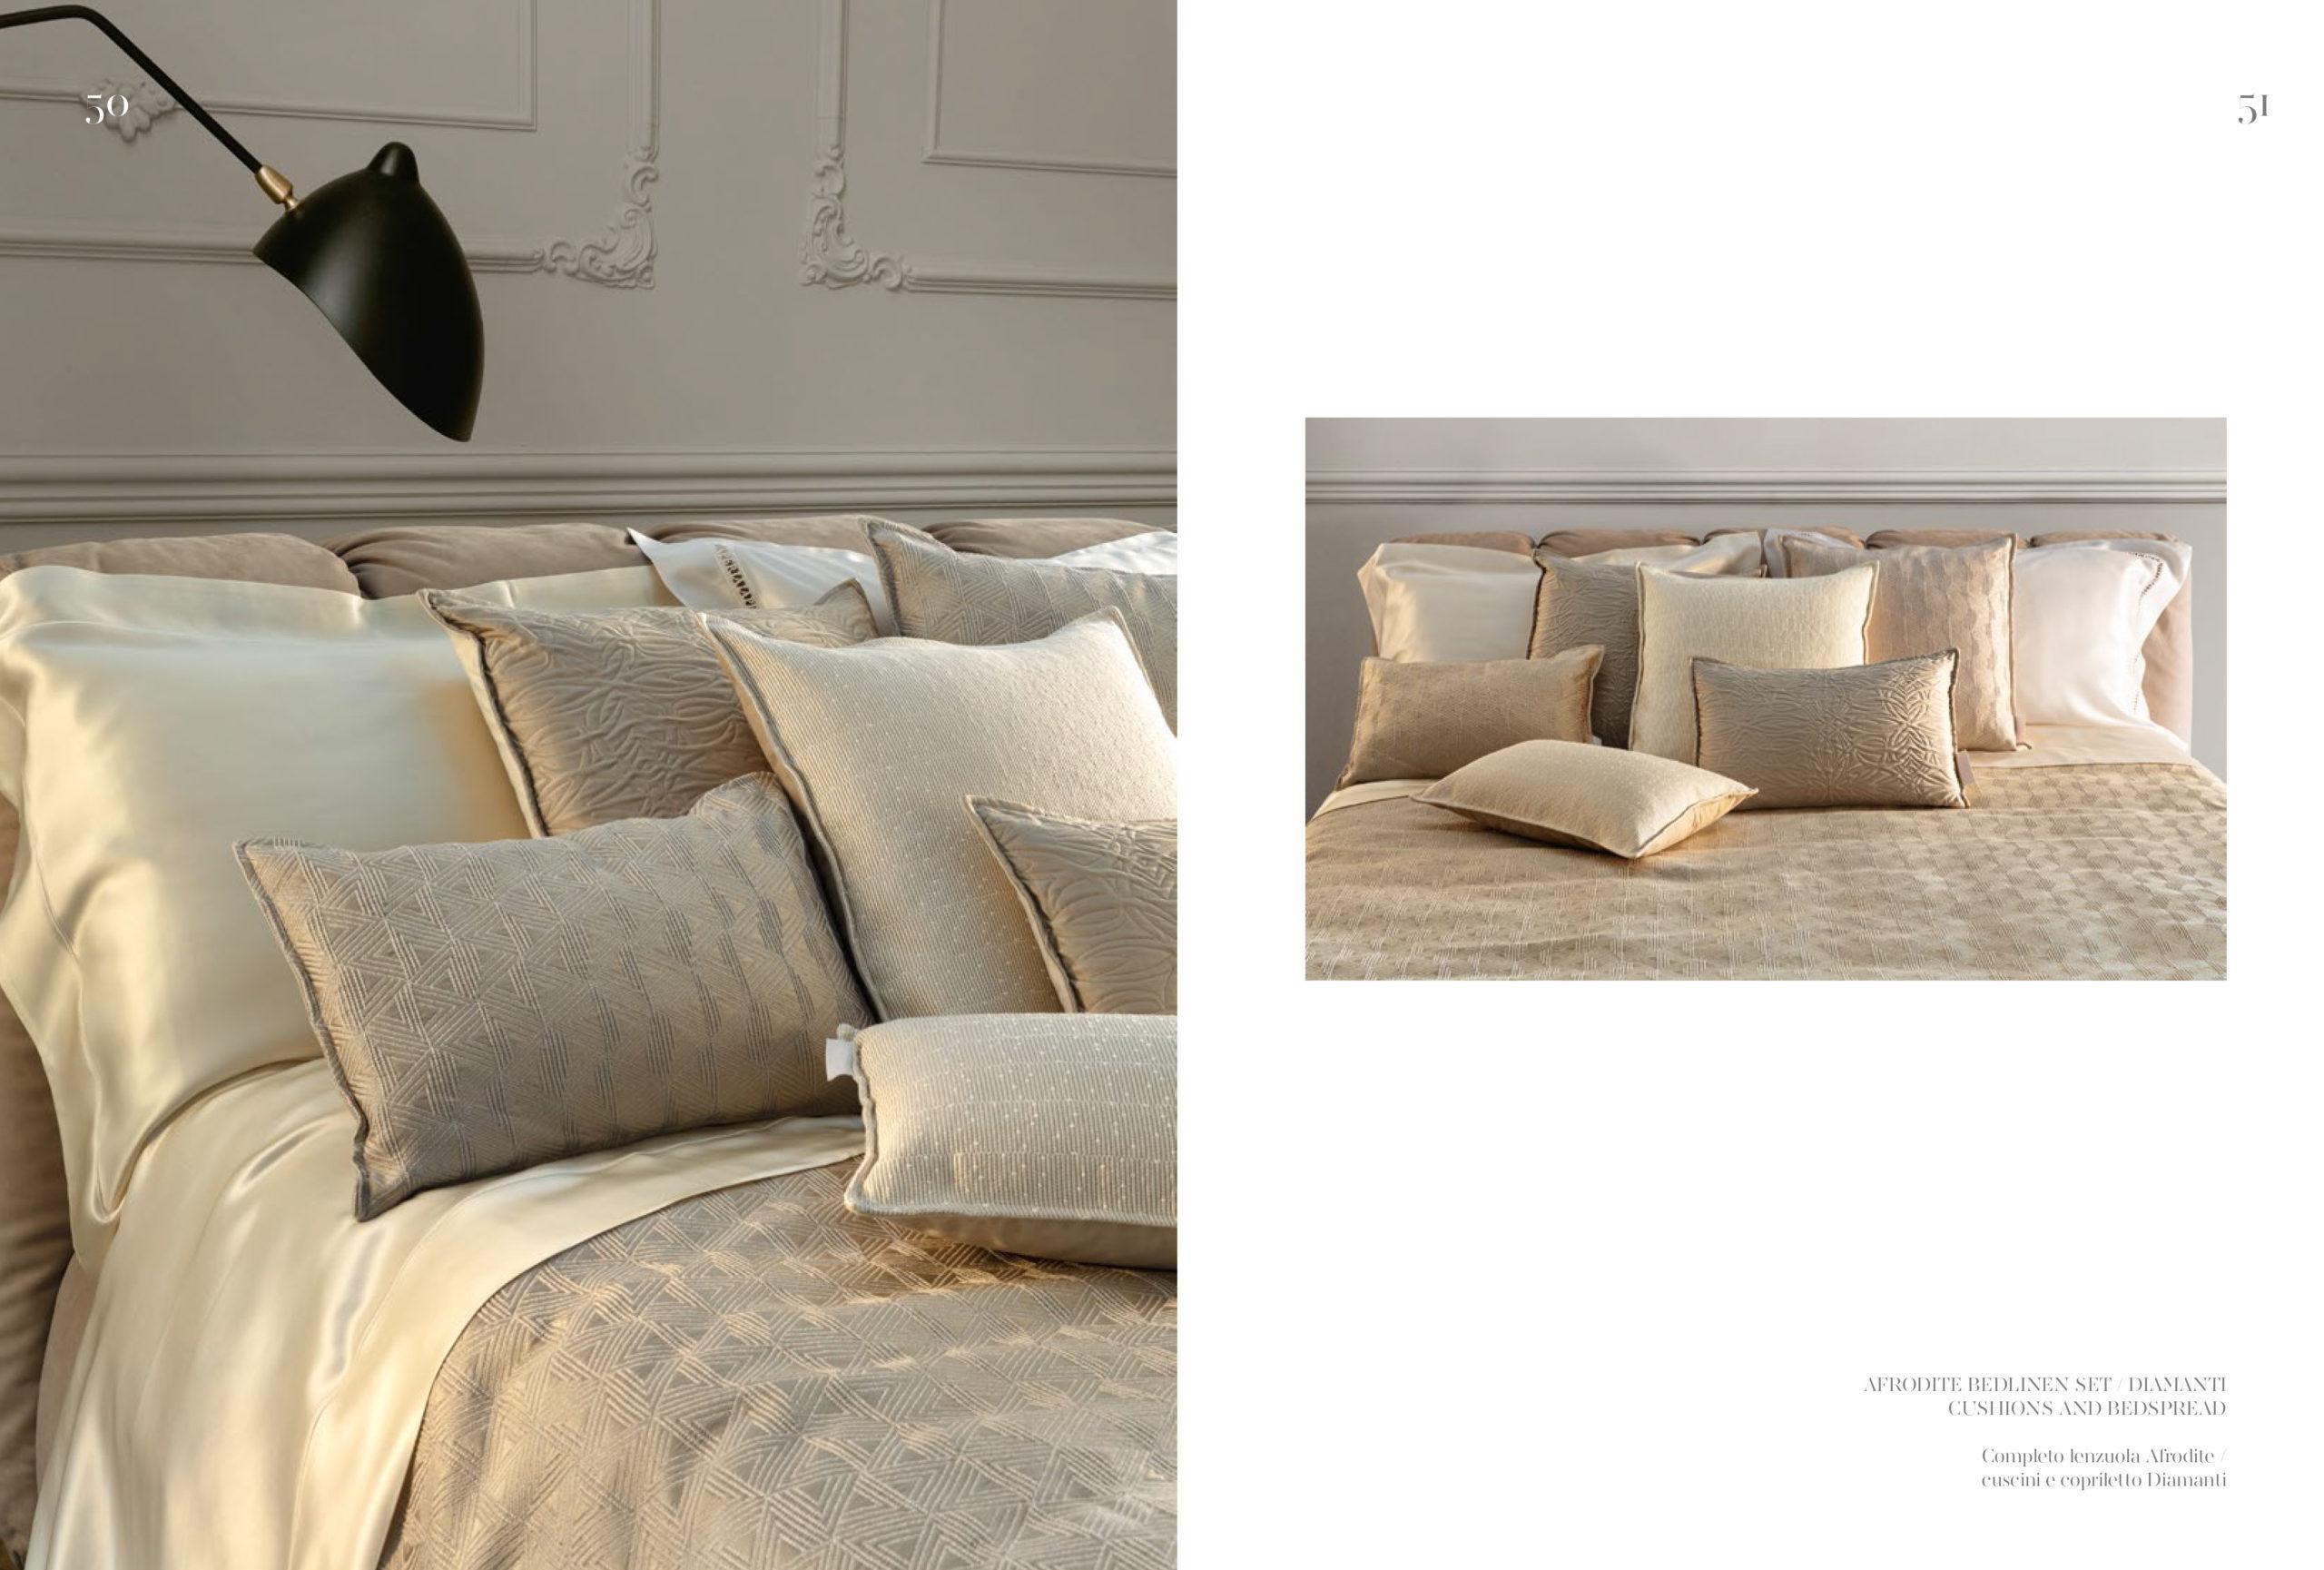 Completo Lenzuola In Pura Seta La Perla Home Collection Mod Afrodite Set Spugna 1 1 In Omaggio Punto Bianco